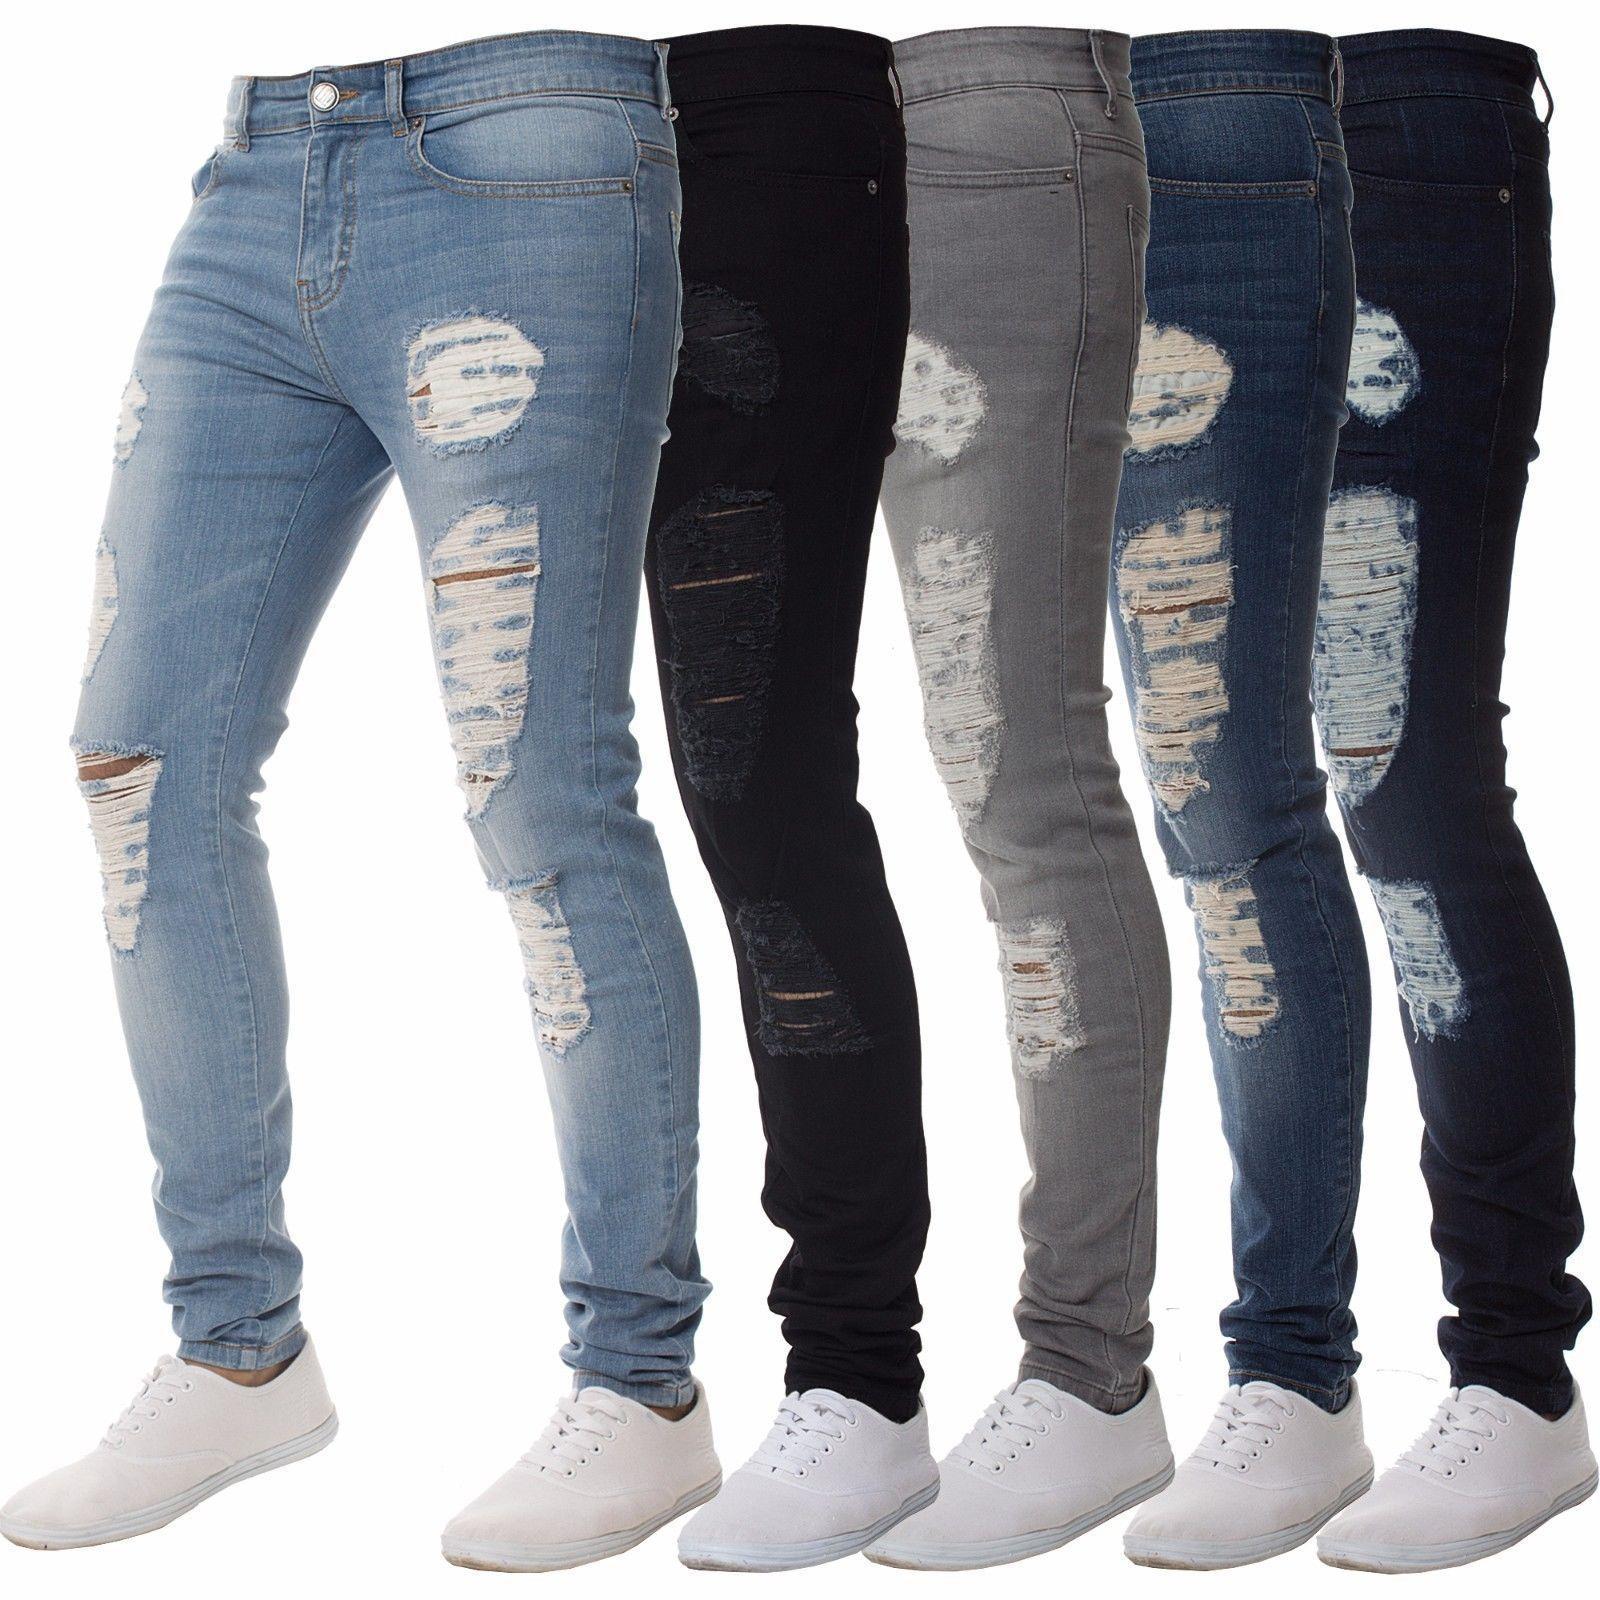 Compre Casuales Para Hombre Pantalones Vaqueros Flacos De Los Hombres Negro Solido Jeans Rotos Hombres Rasgado Del Mendigo Del Ajustado De Pantalones De Mezclilla Con La Rodilla Del Agujero Para Los Hombres